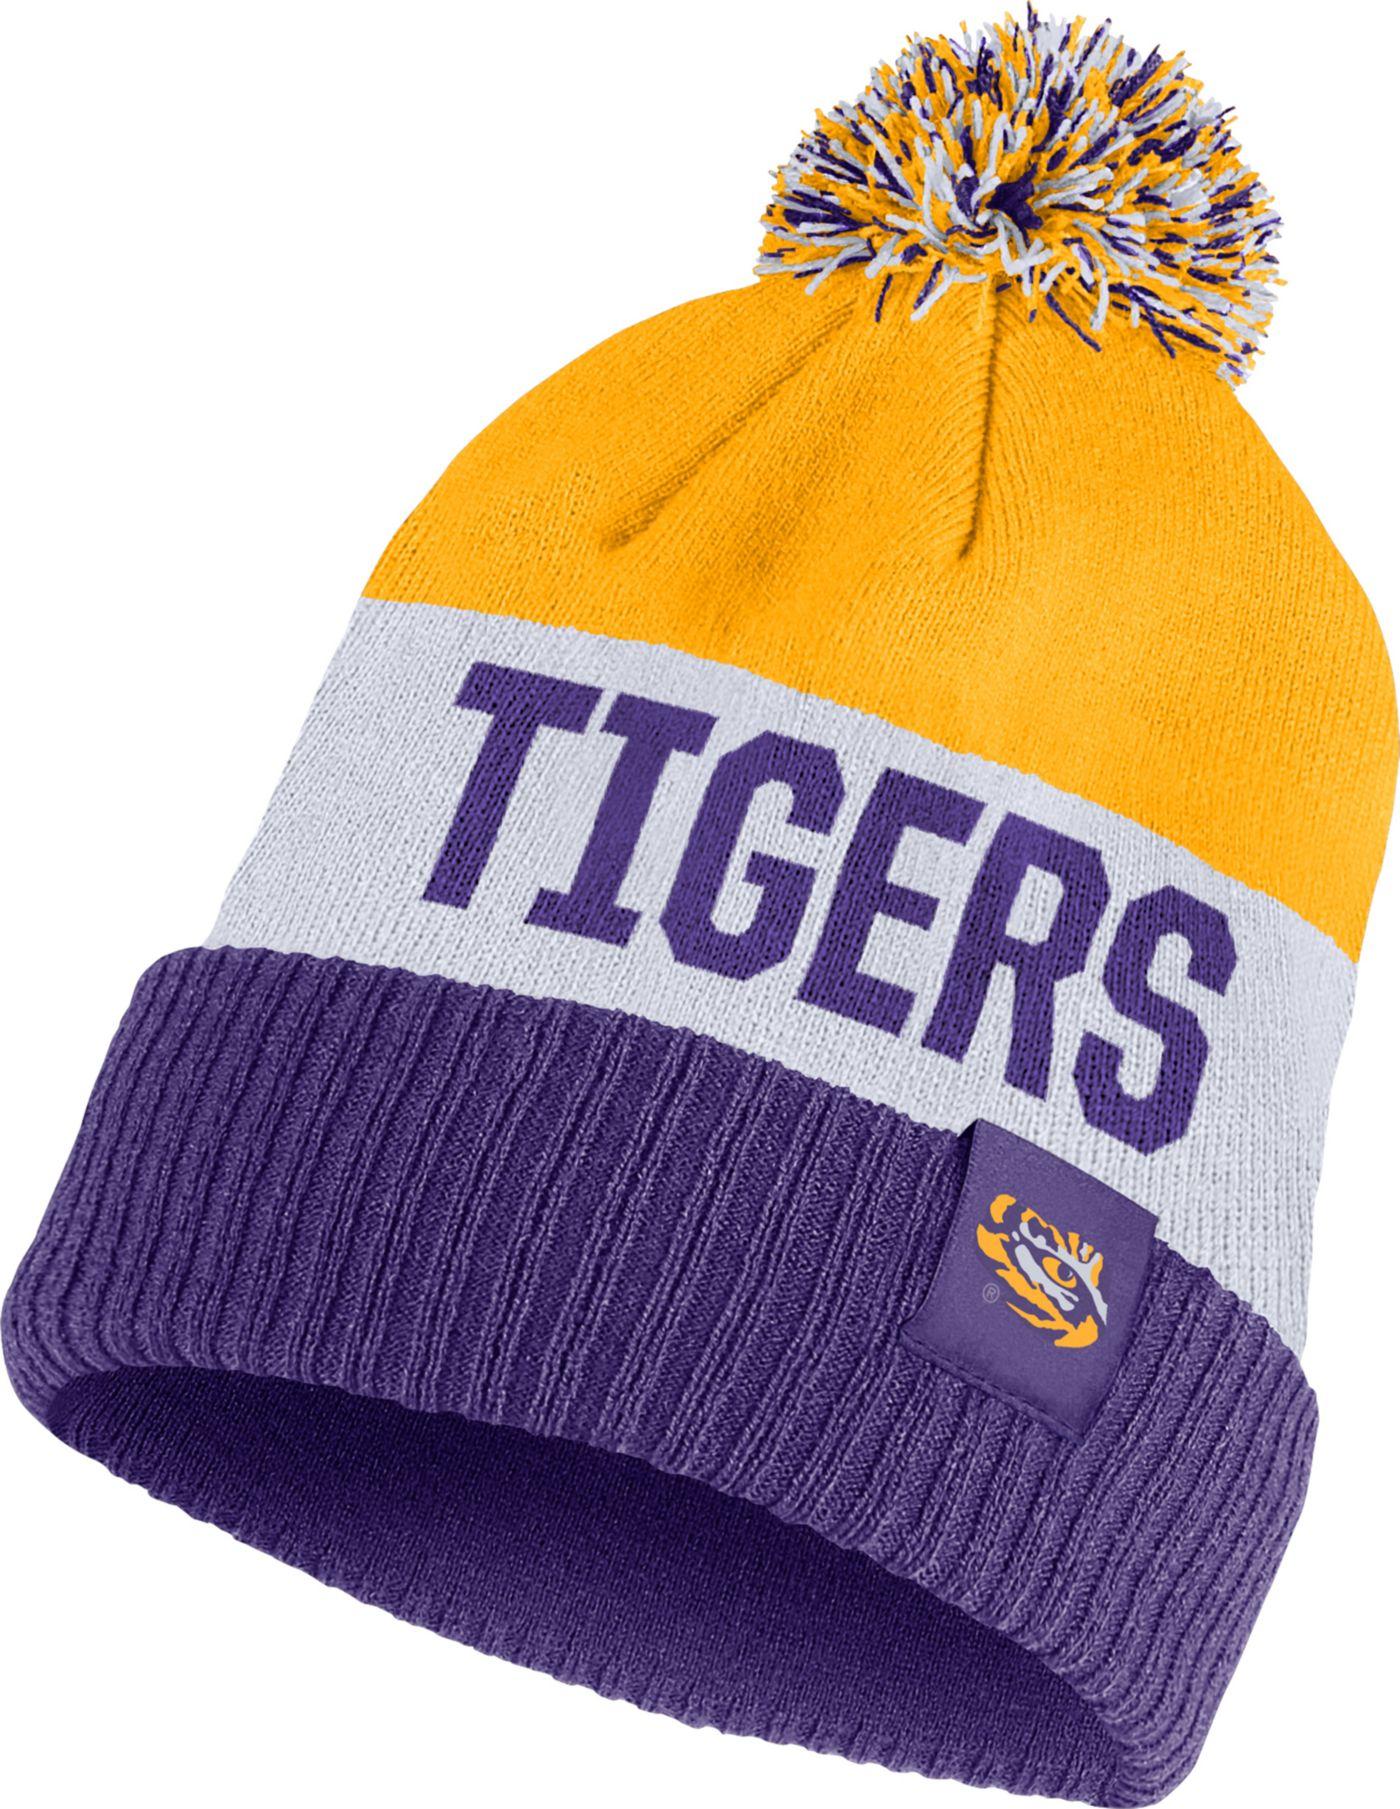 Nike Men's LSU Tigers Gold/White/Purple Striped Cuffed Pom Beanie